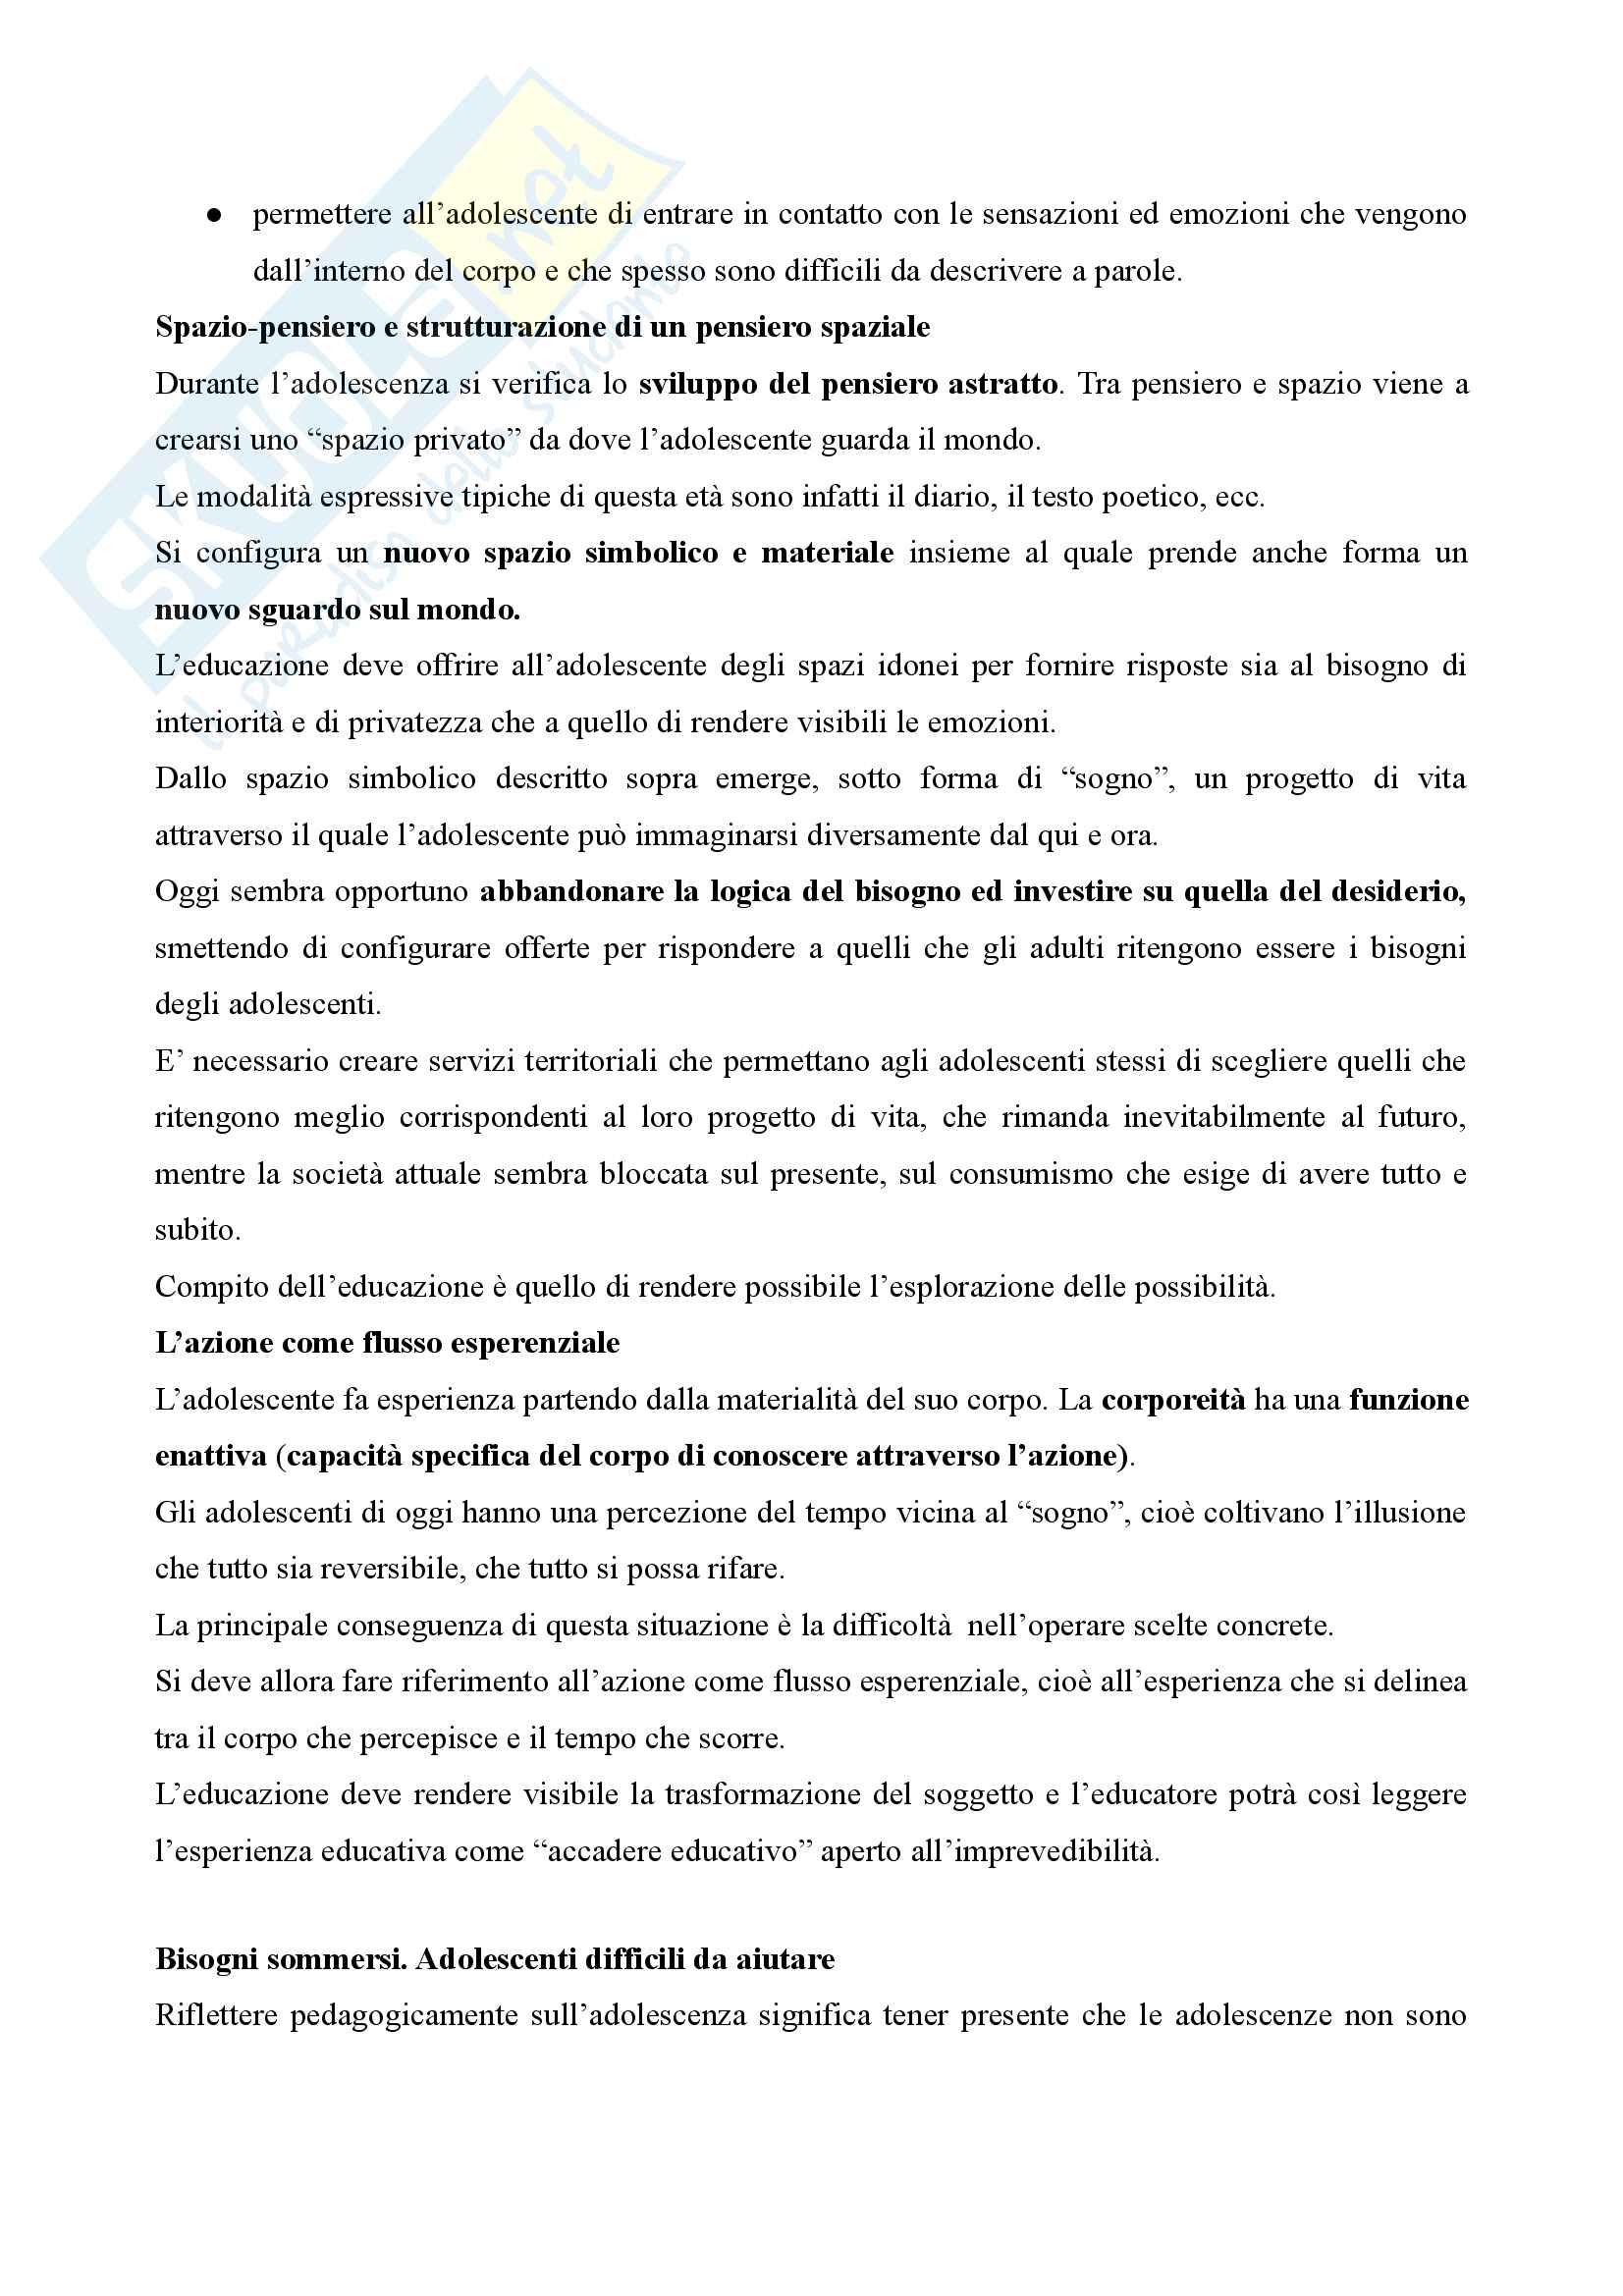 Riassunto esame Pedagogia dell'adolescenza, prof. Barone, libro consigliato Pedagogia dell'adolescenza, Pierangelo Barone Pag. 6